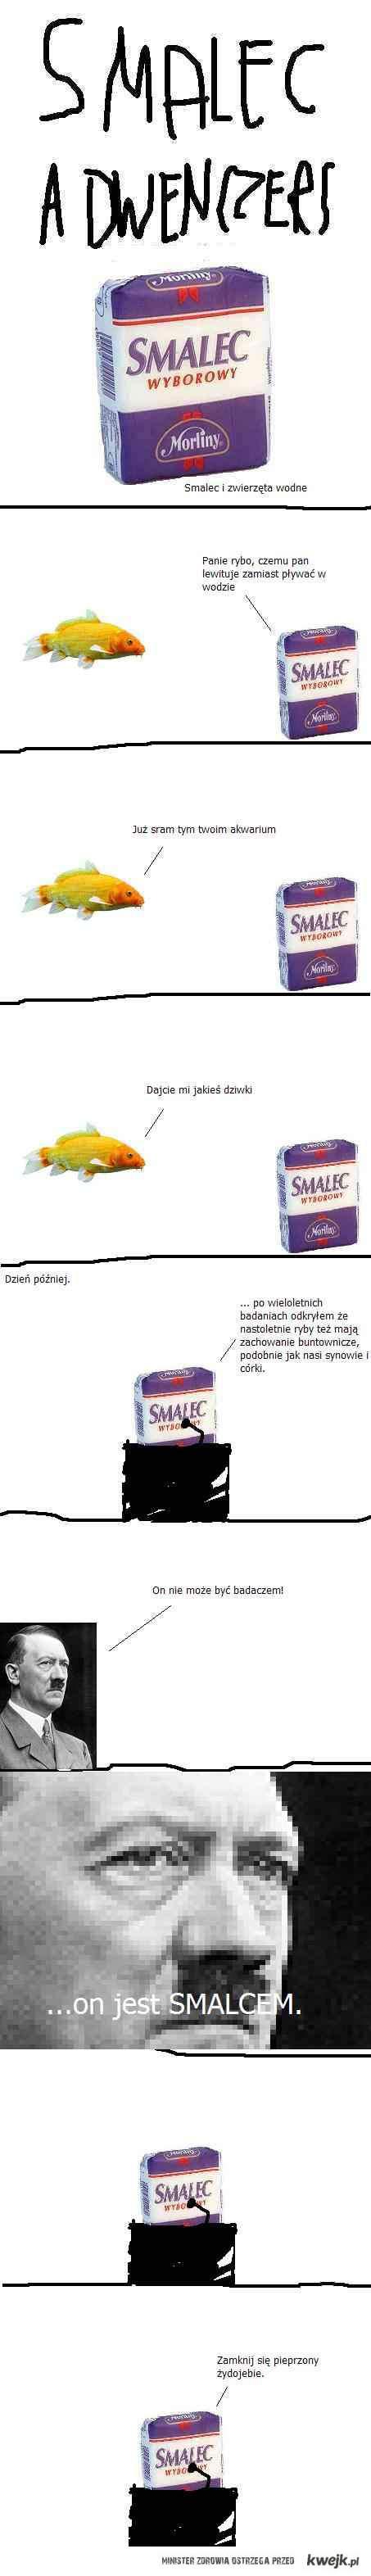 SMALEC